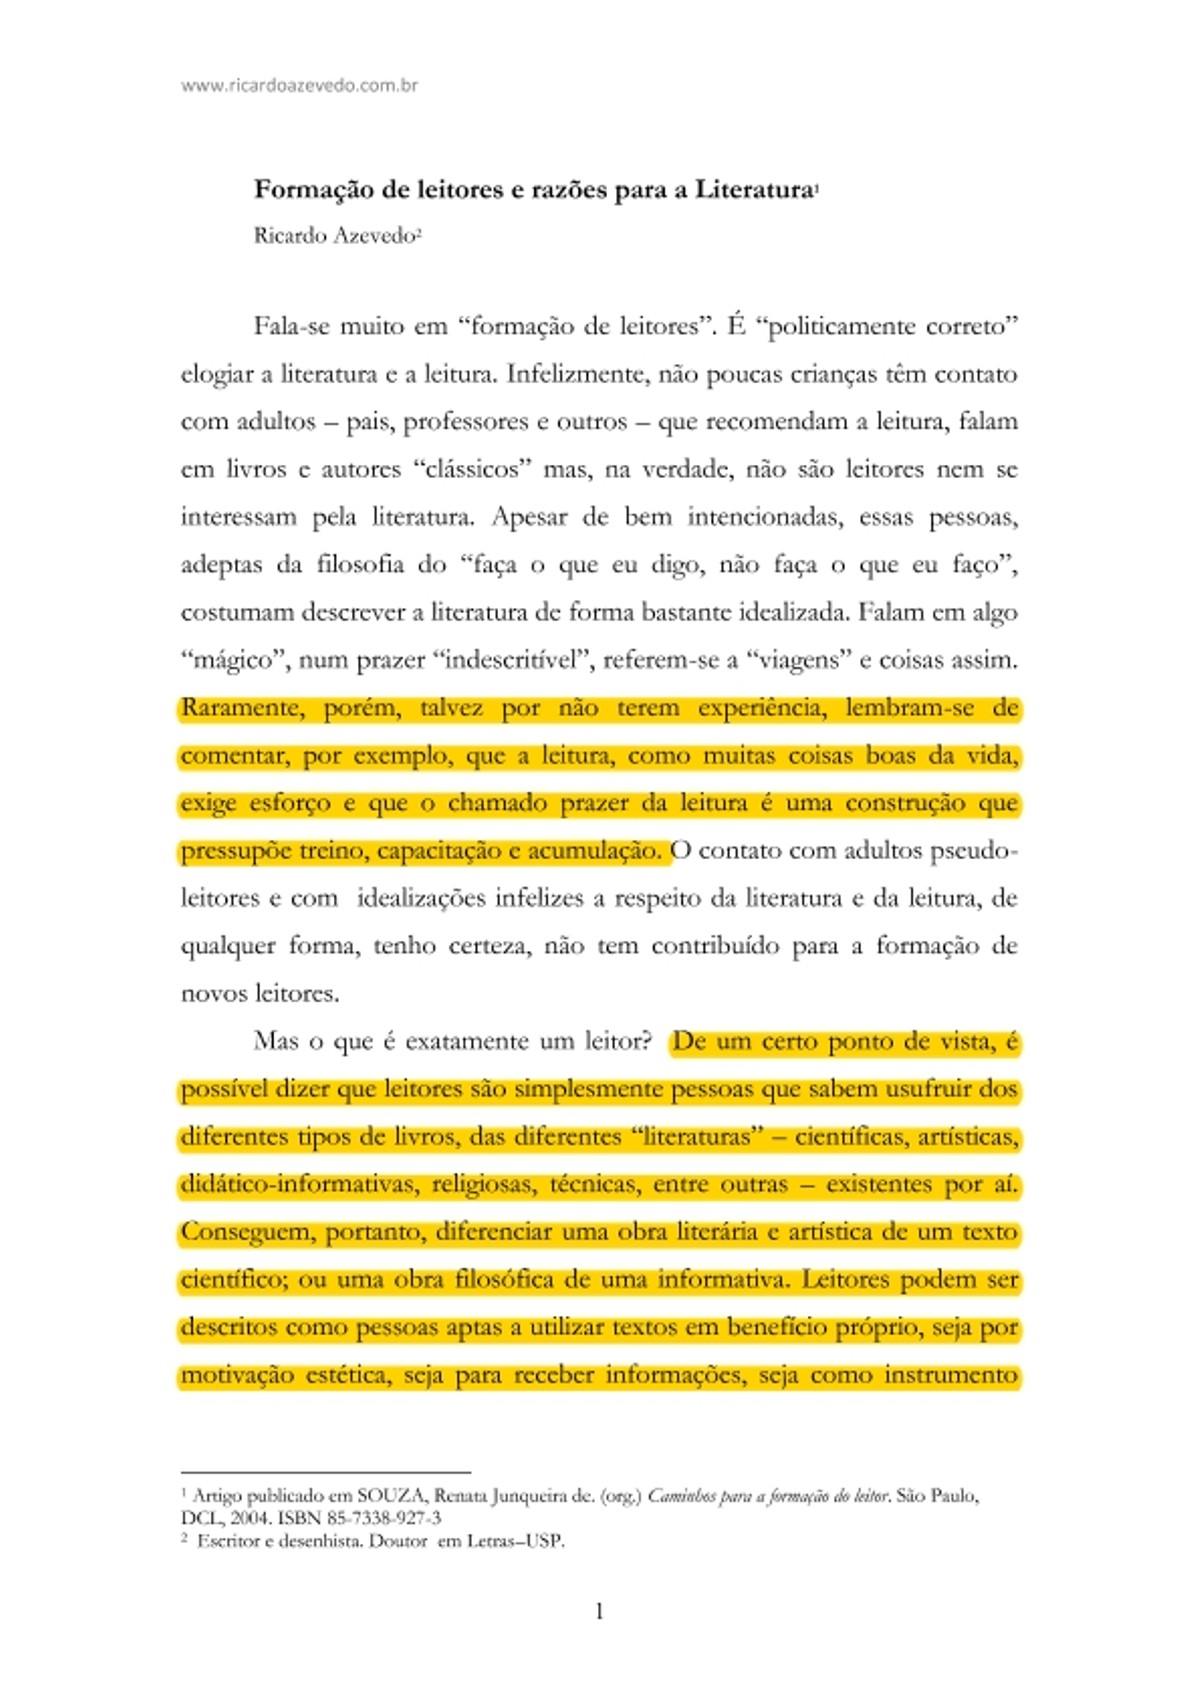 Pre-visualização do material AZEVEDO. Formação de leitores e razões para literatura - página 1